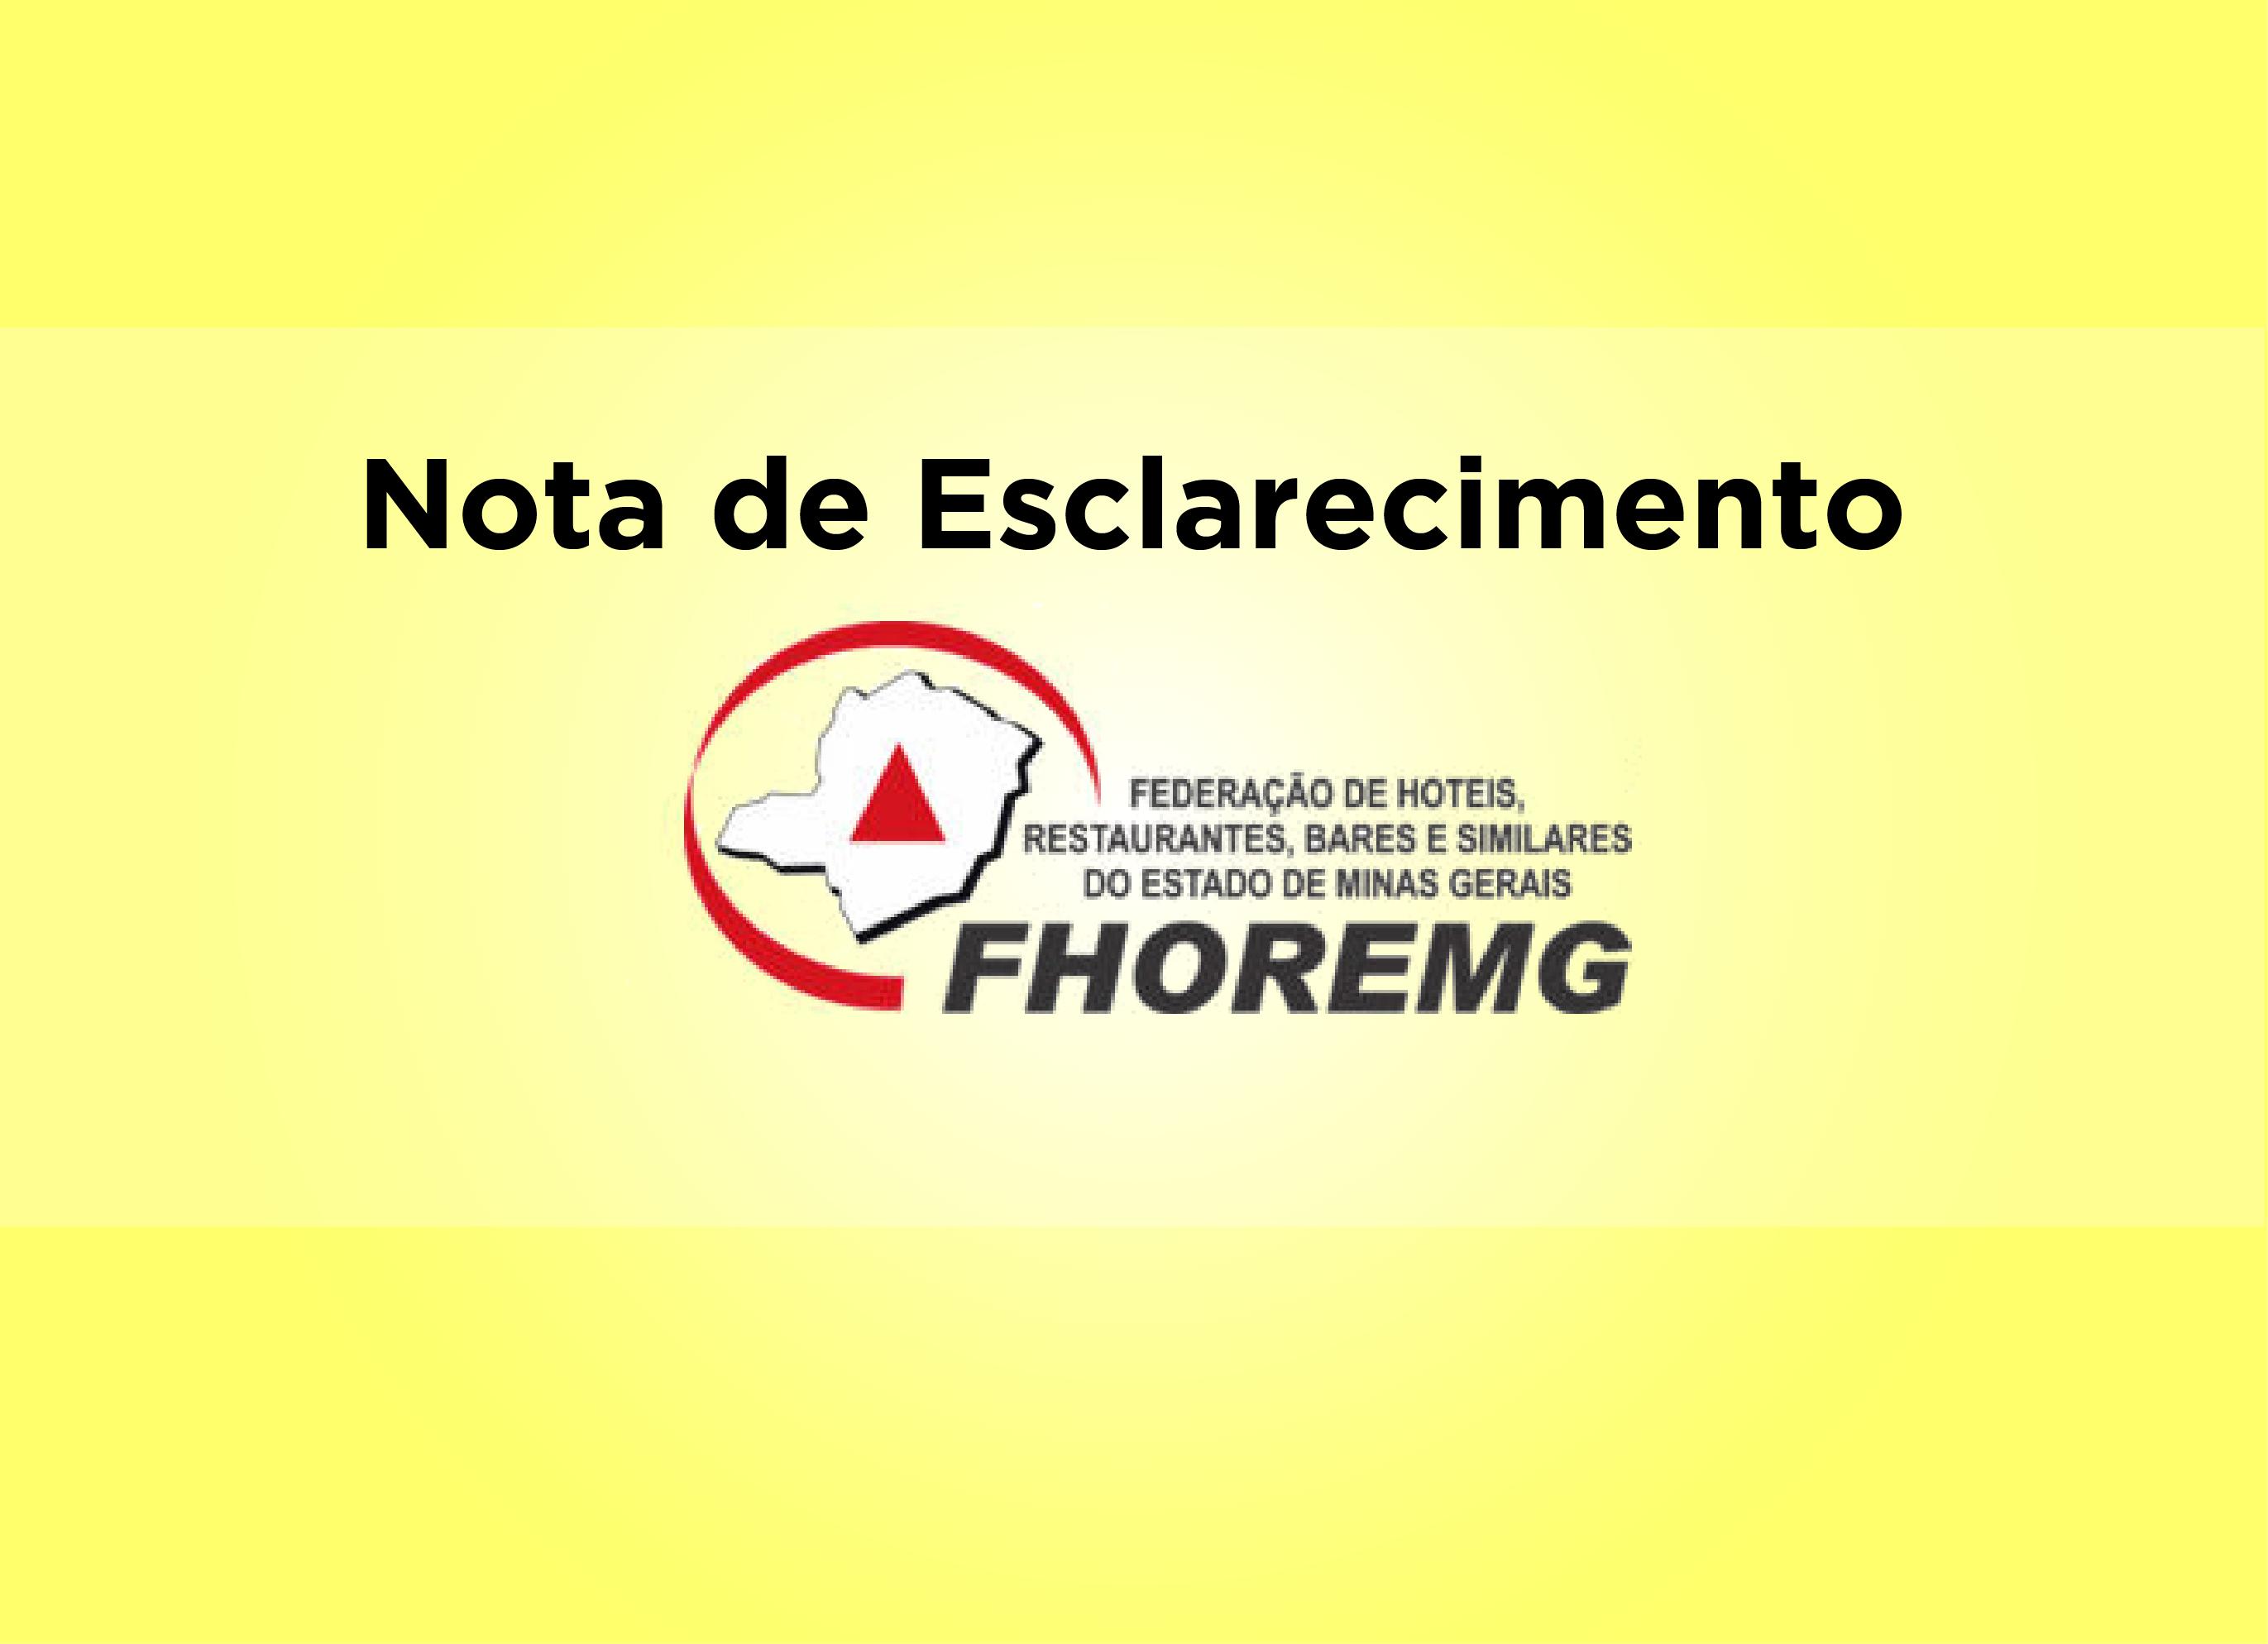 FHOREMG1